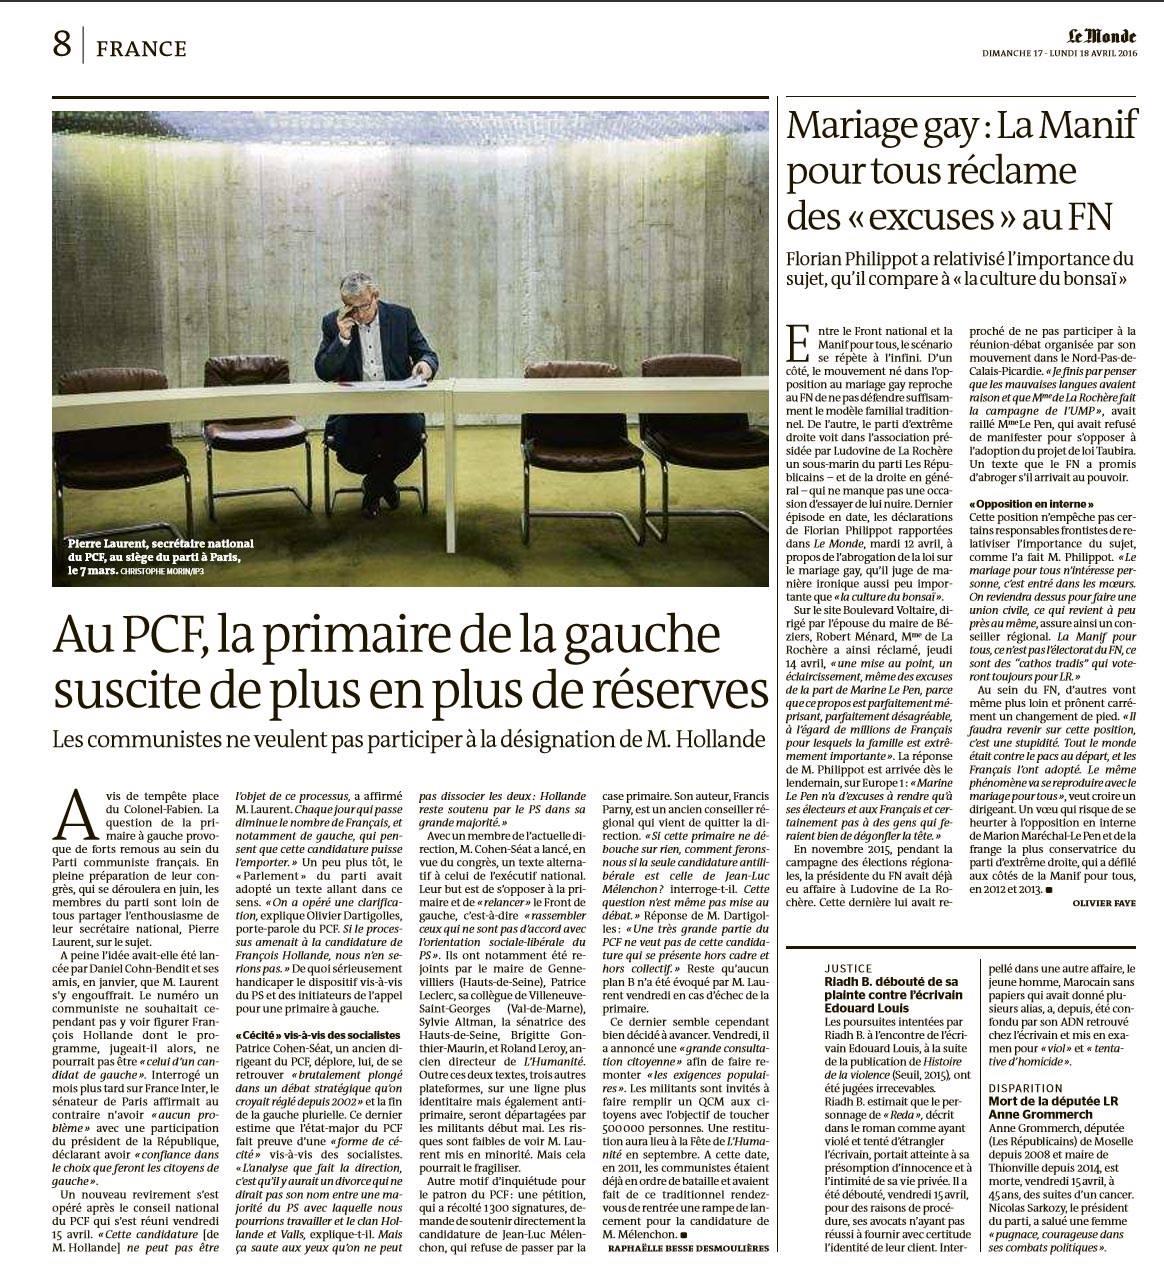 Le Monde - 18 avril 2016 © Christophe Morin.jpg